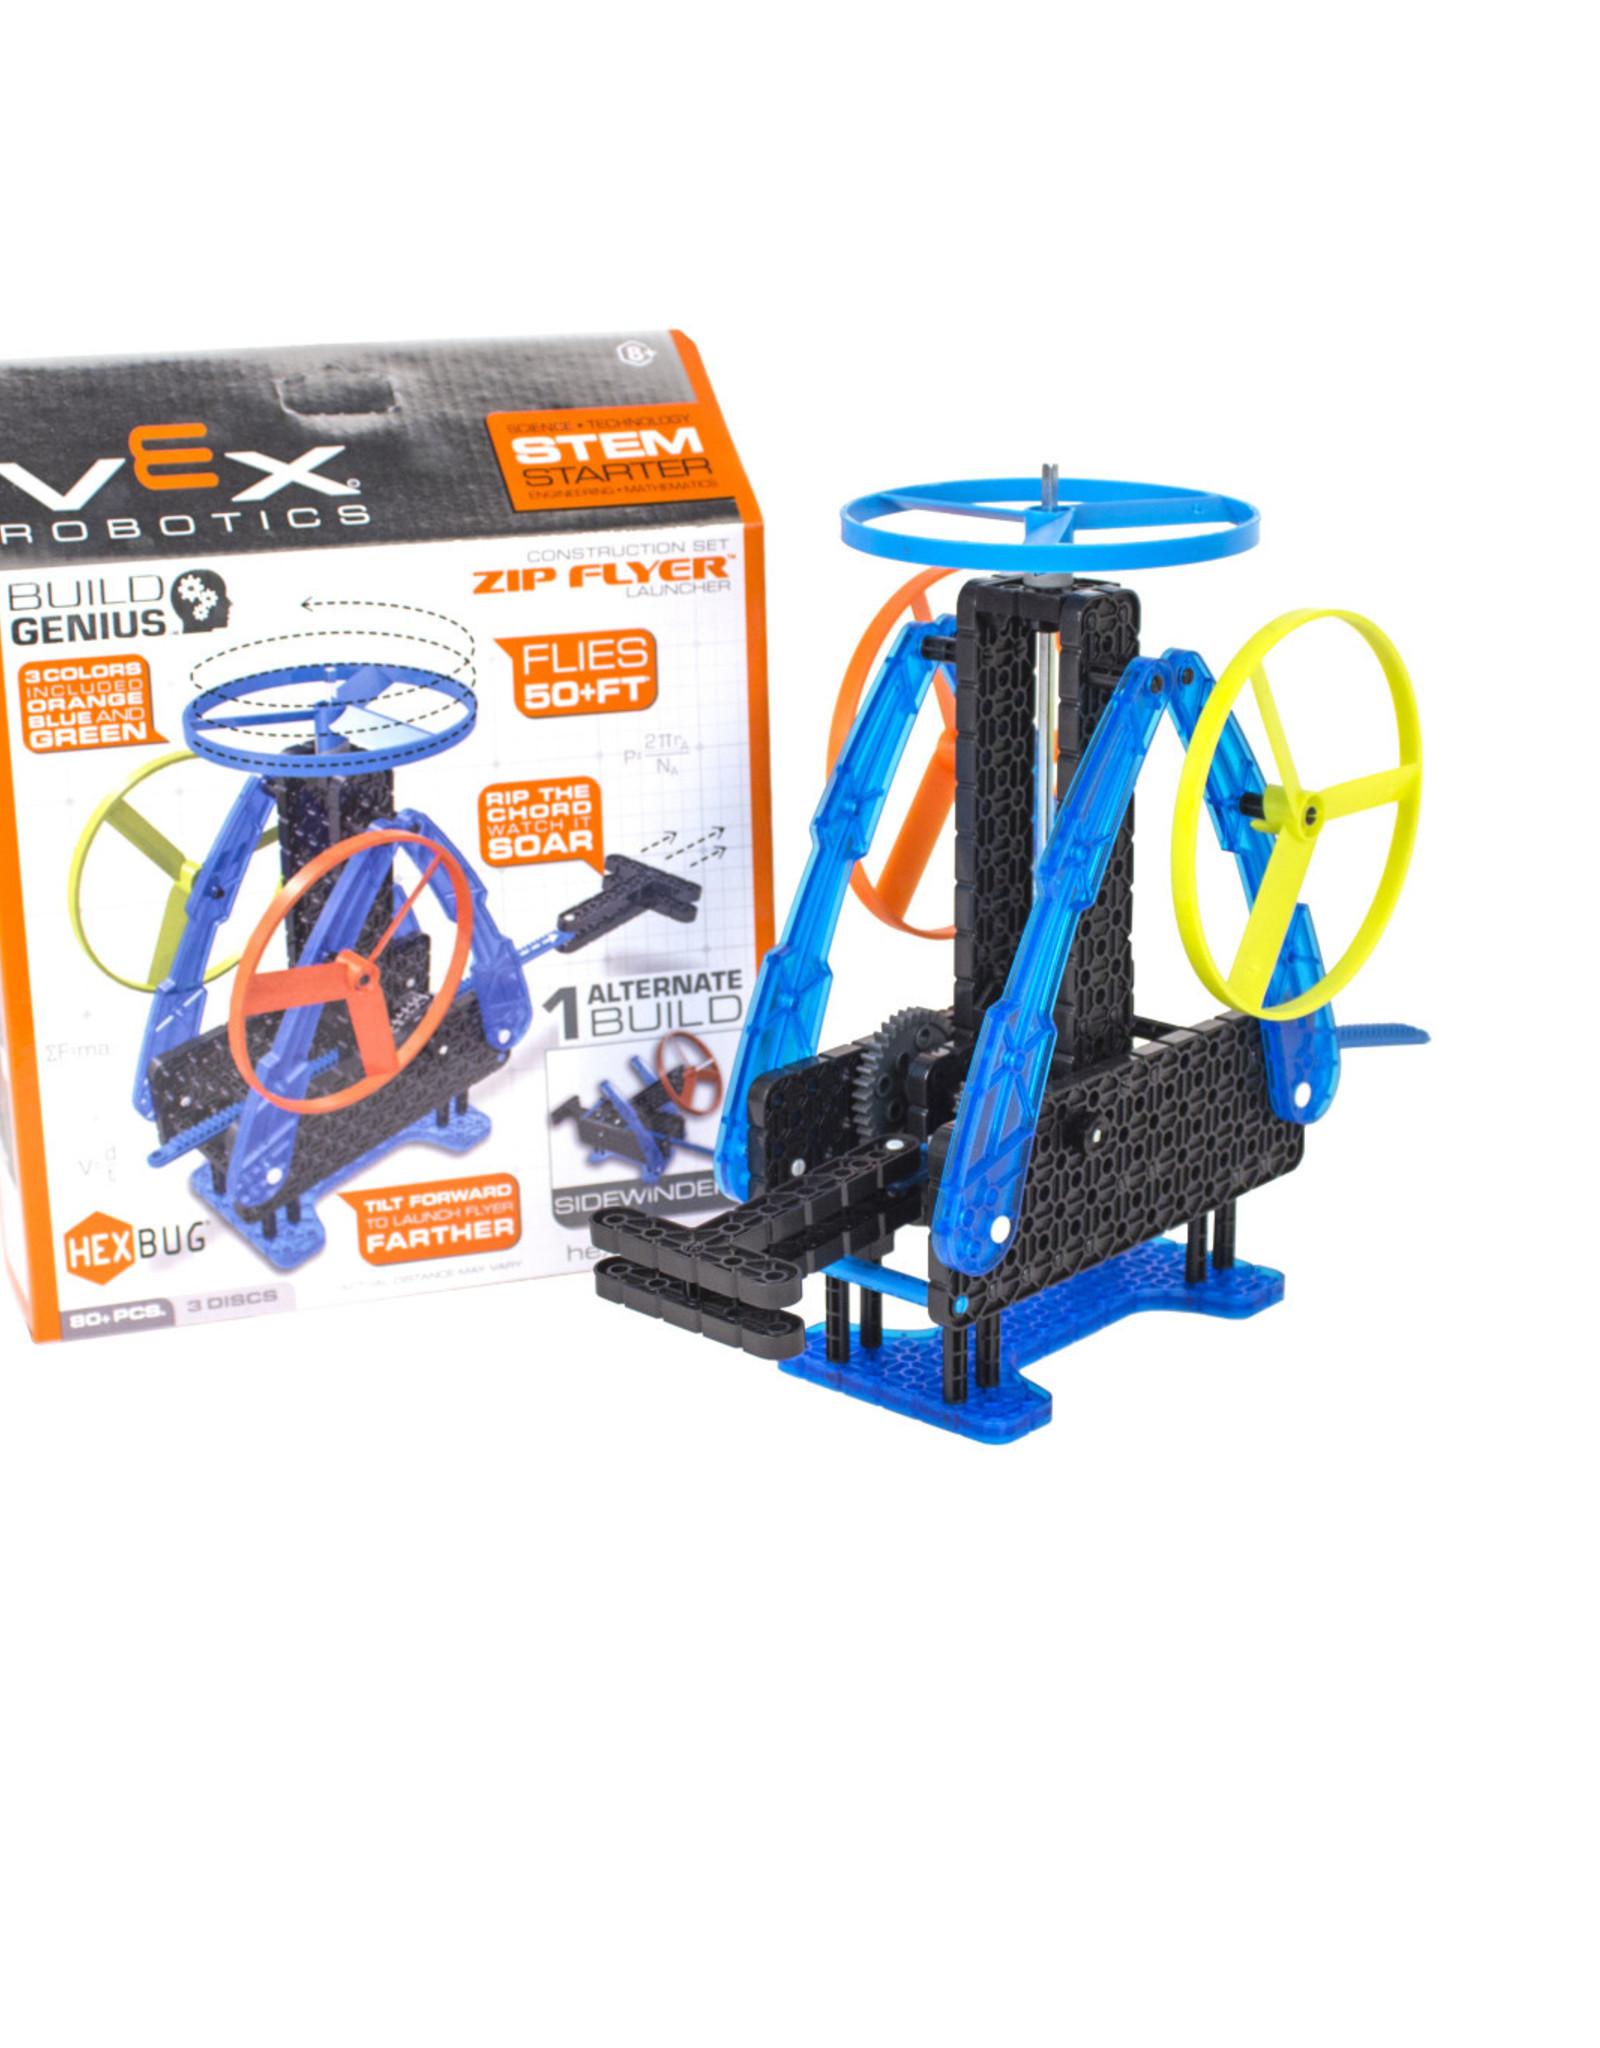 Hex Vex Robotics - Zip Flyer